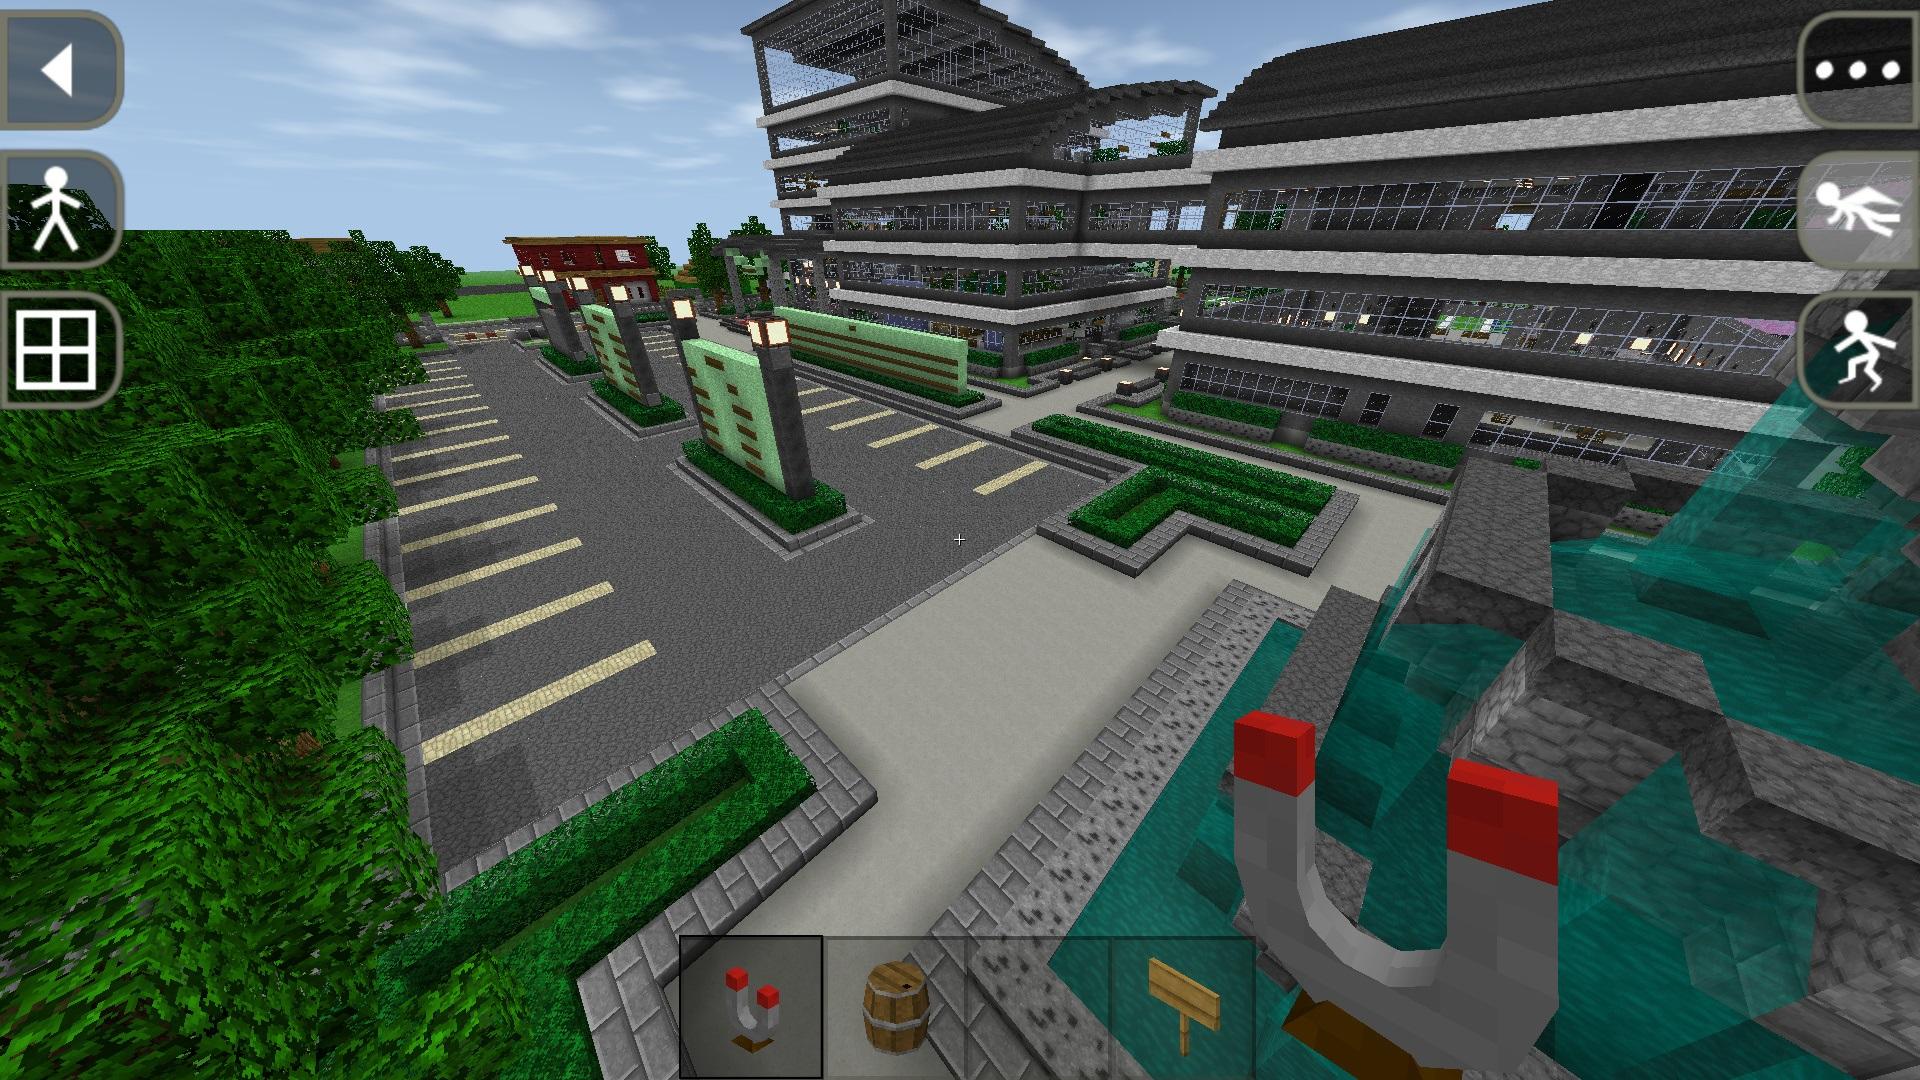 Amazoncom Survivalcraft Demo Appstore For Android - Minecraft spielen demo